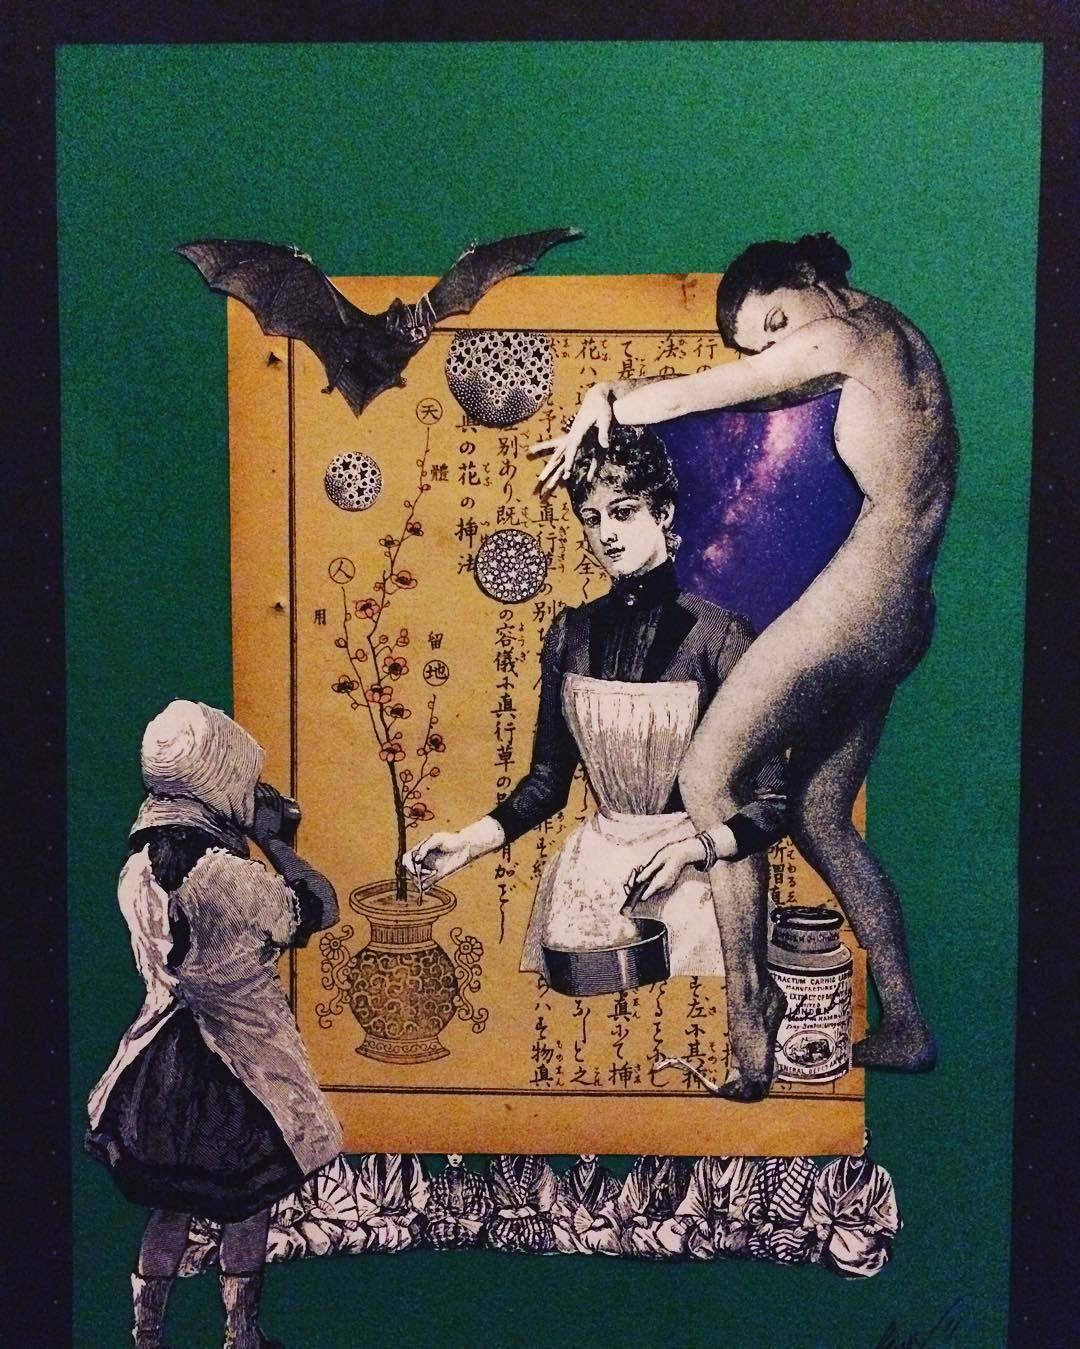 『薬膳』#空想架空マンション#art#artwork #collage#collageart #original#medicinalcooking#medicinal #コラージュ #薬膳#薬膳料理 #cooking#クッキング #analog#analogart #美留町kuu✂︎#dark#black